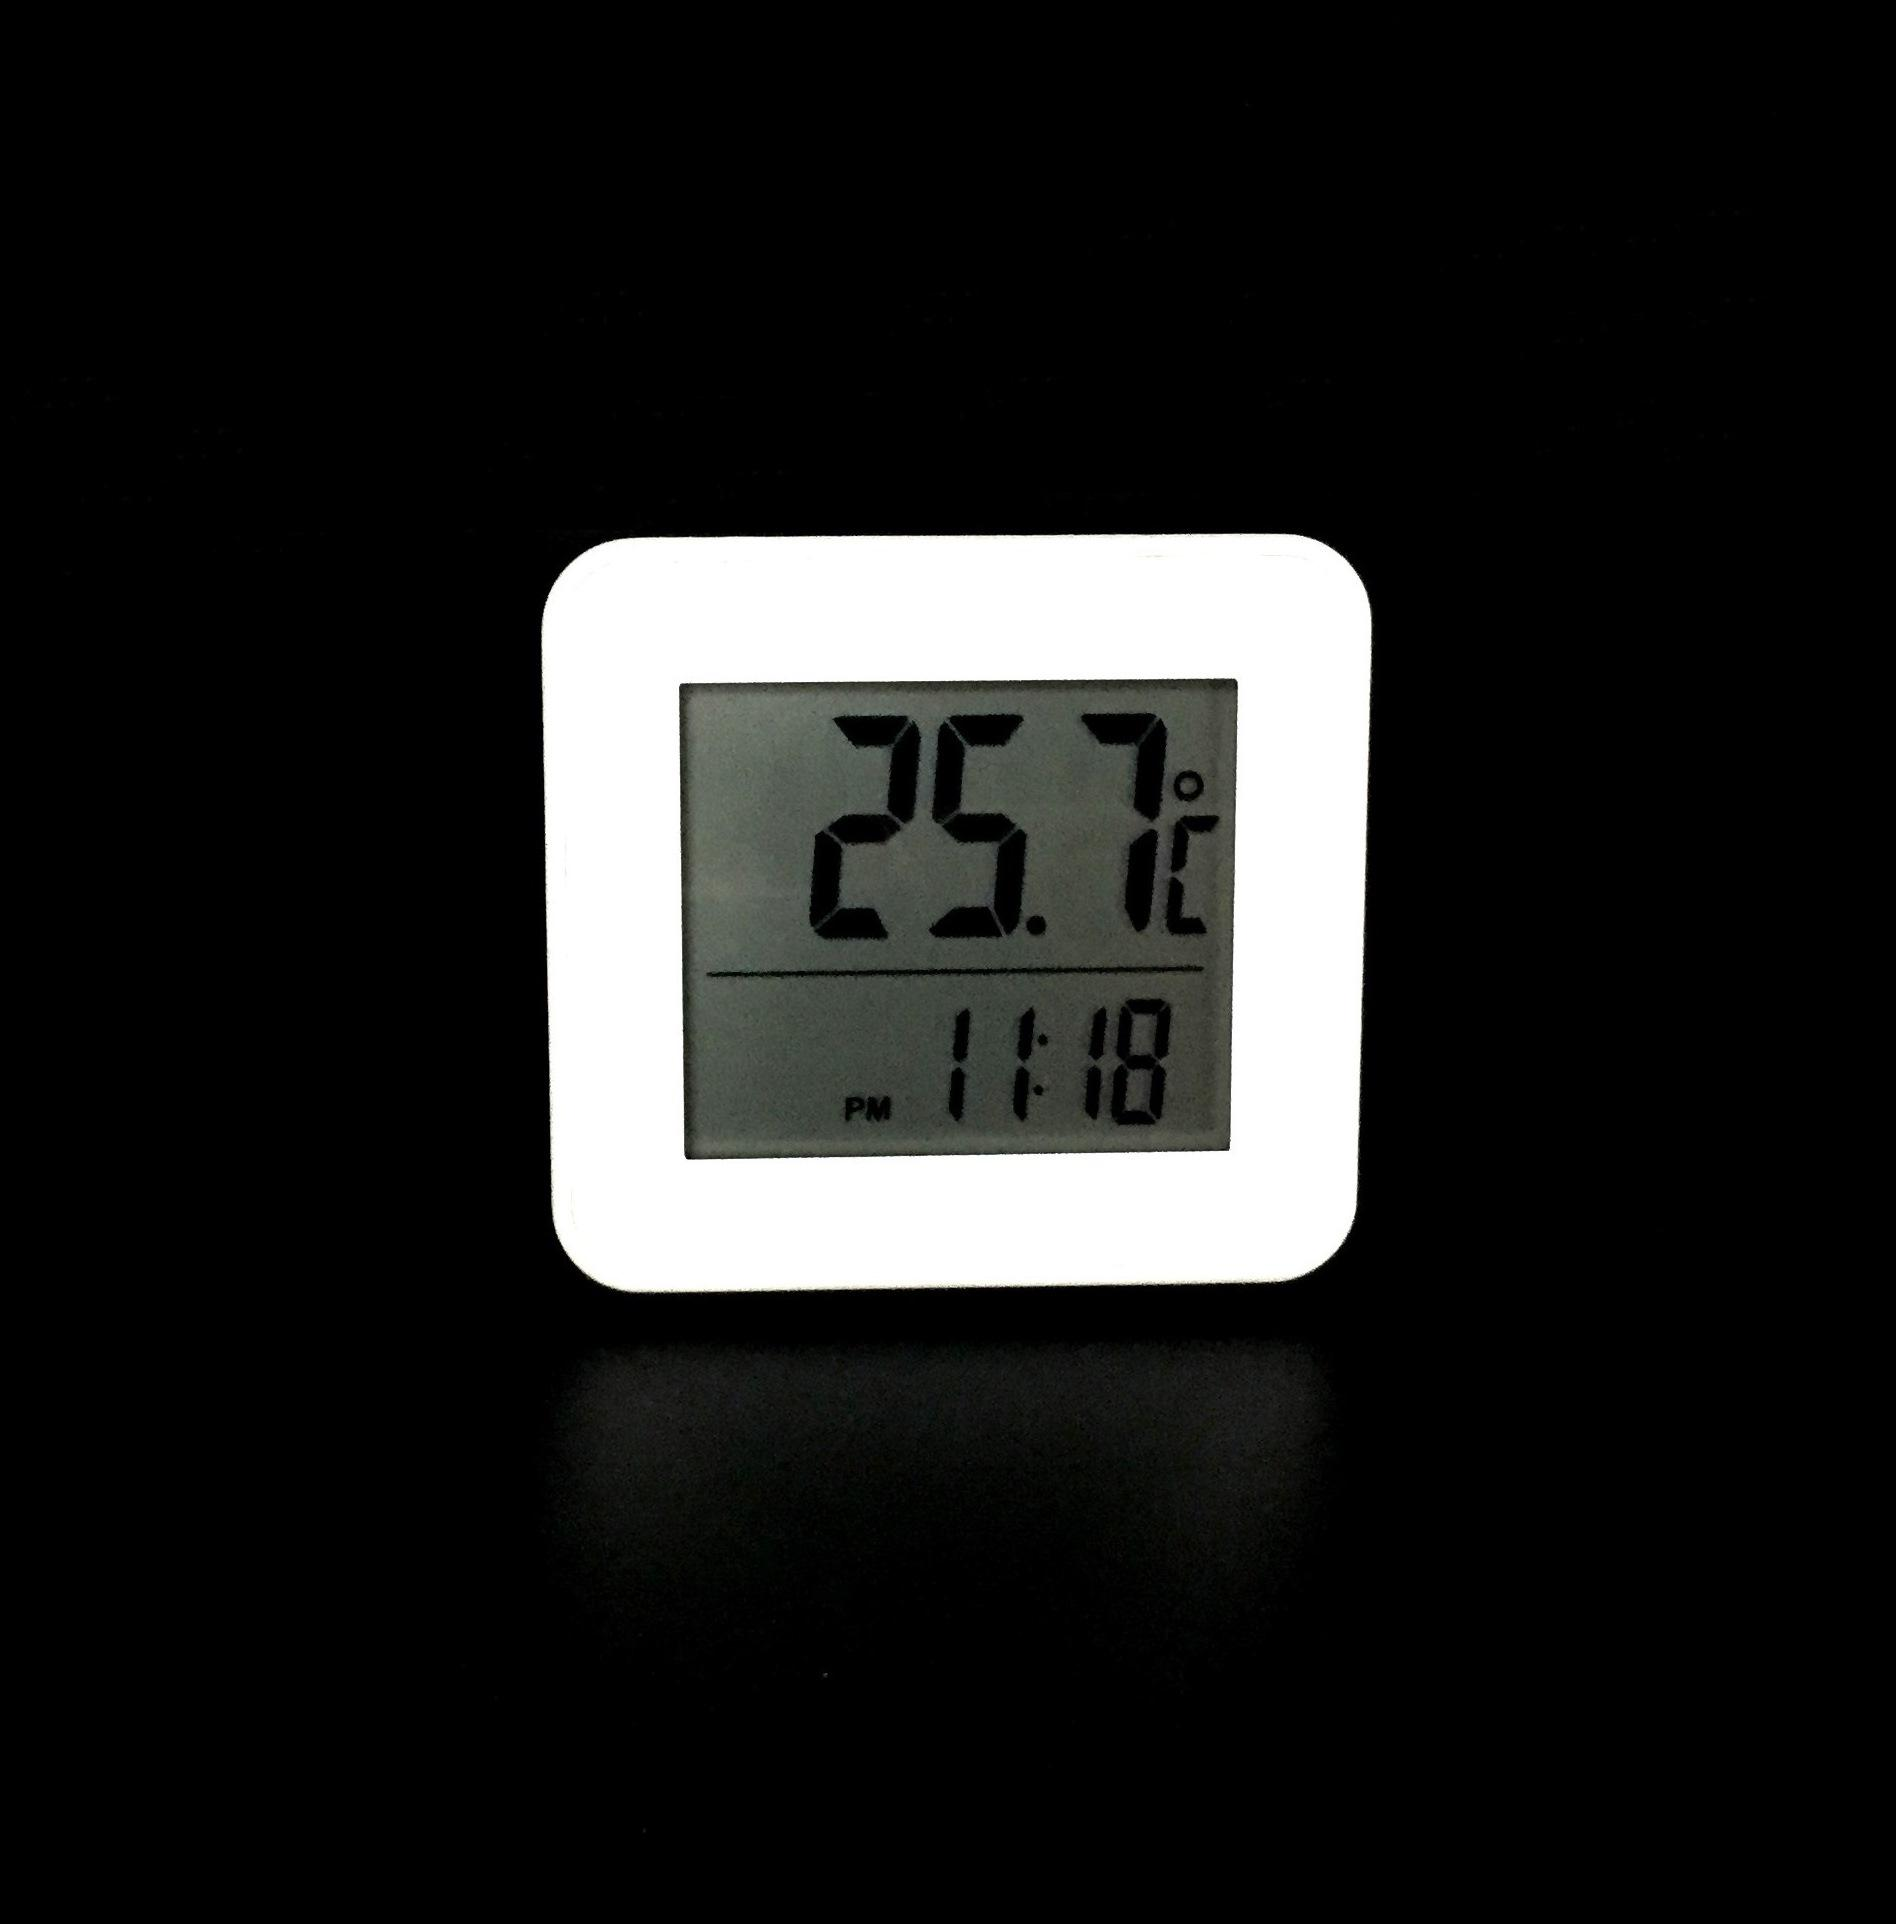 室內溫度計 帶鬧鐘 1